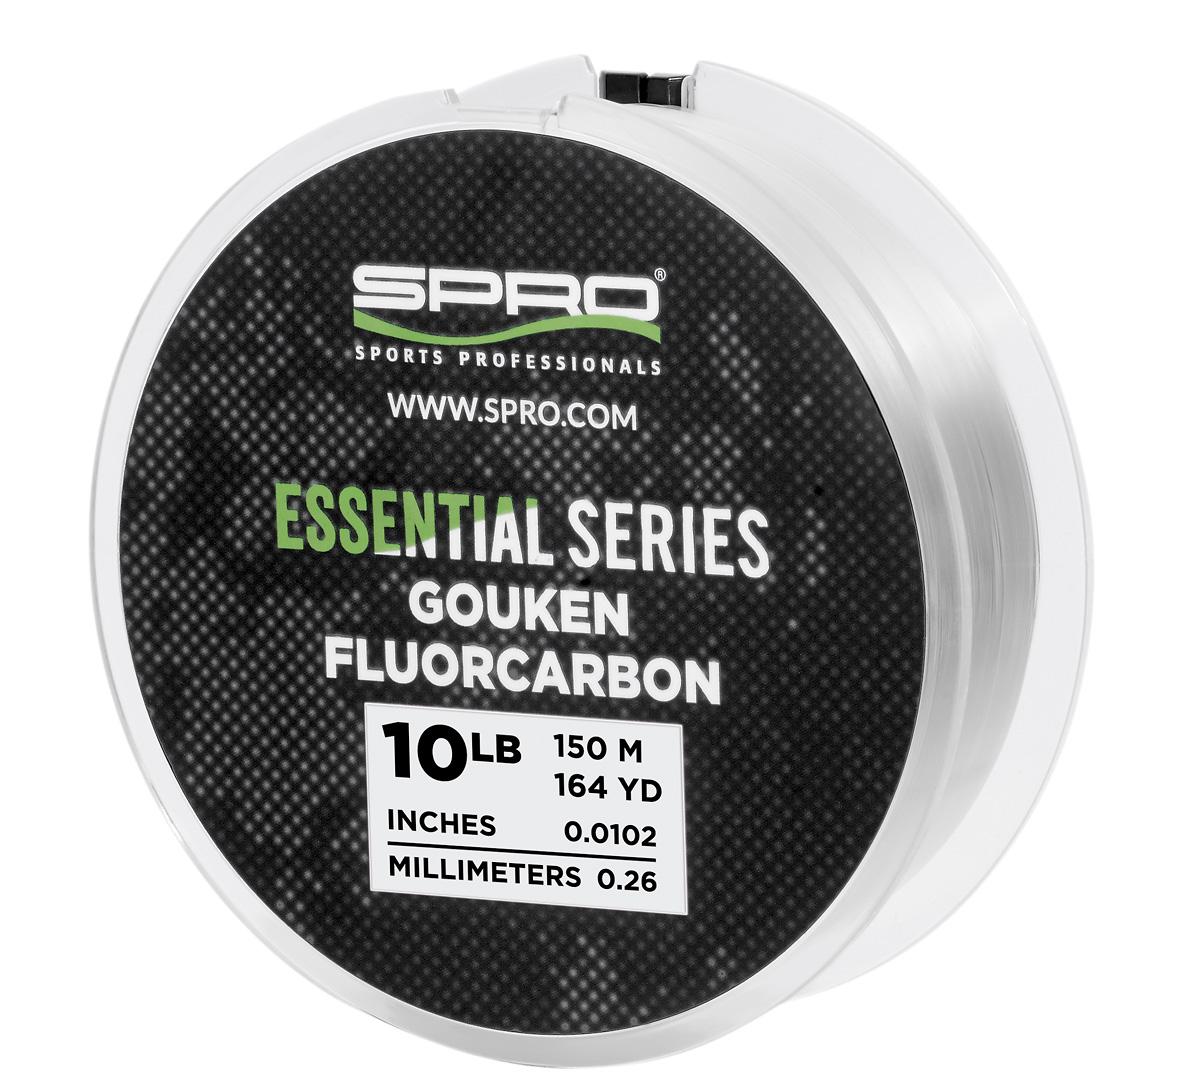 SPRO's Gouken fluorocarbon line